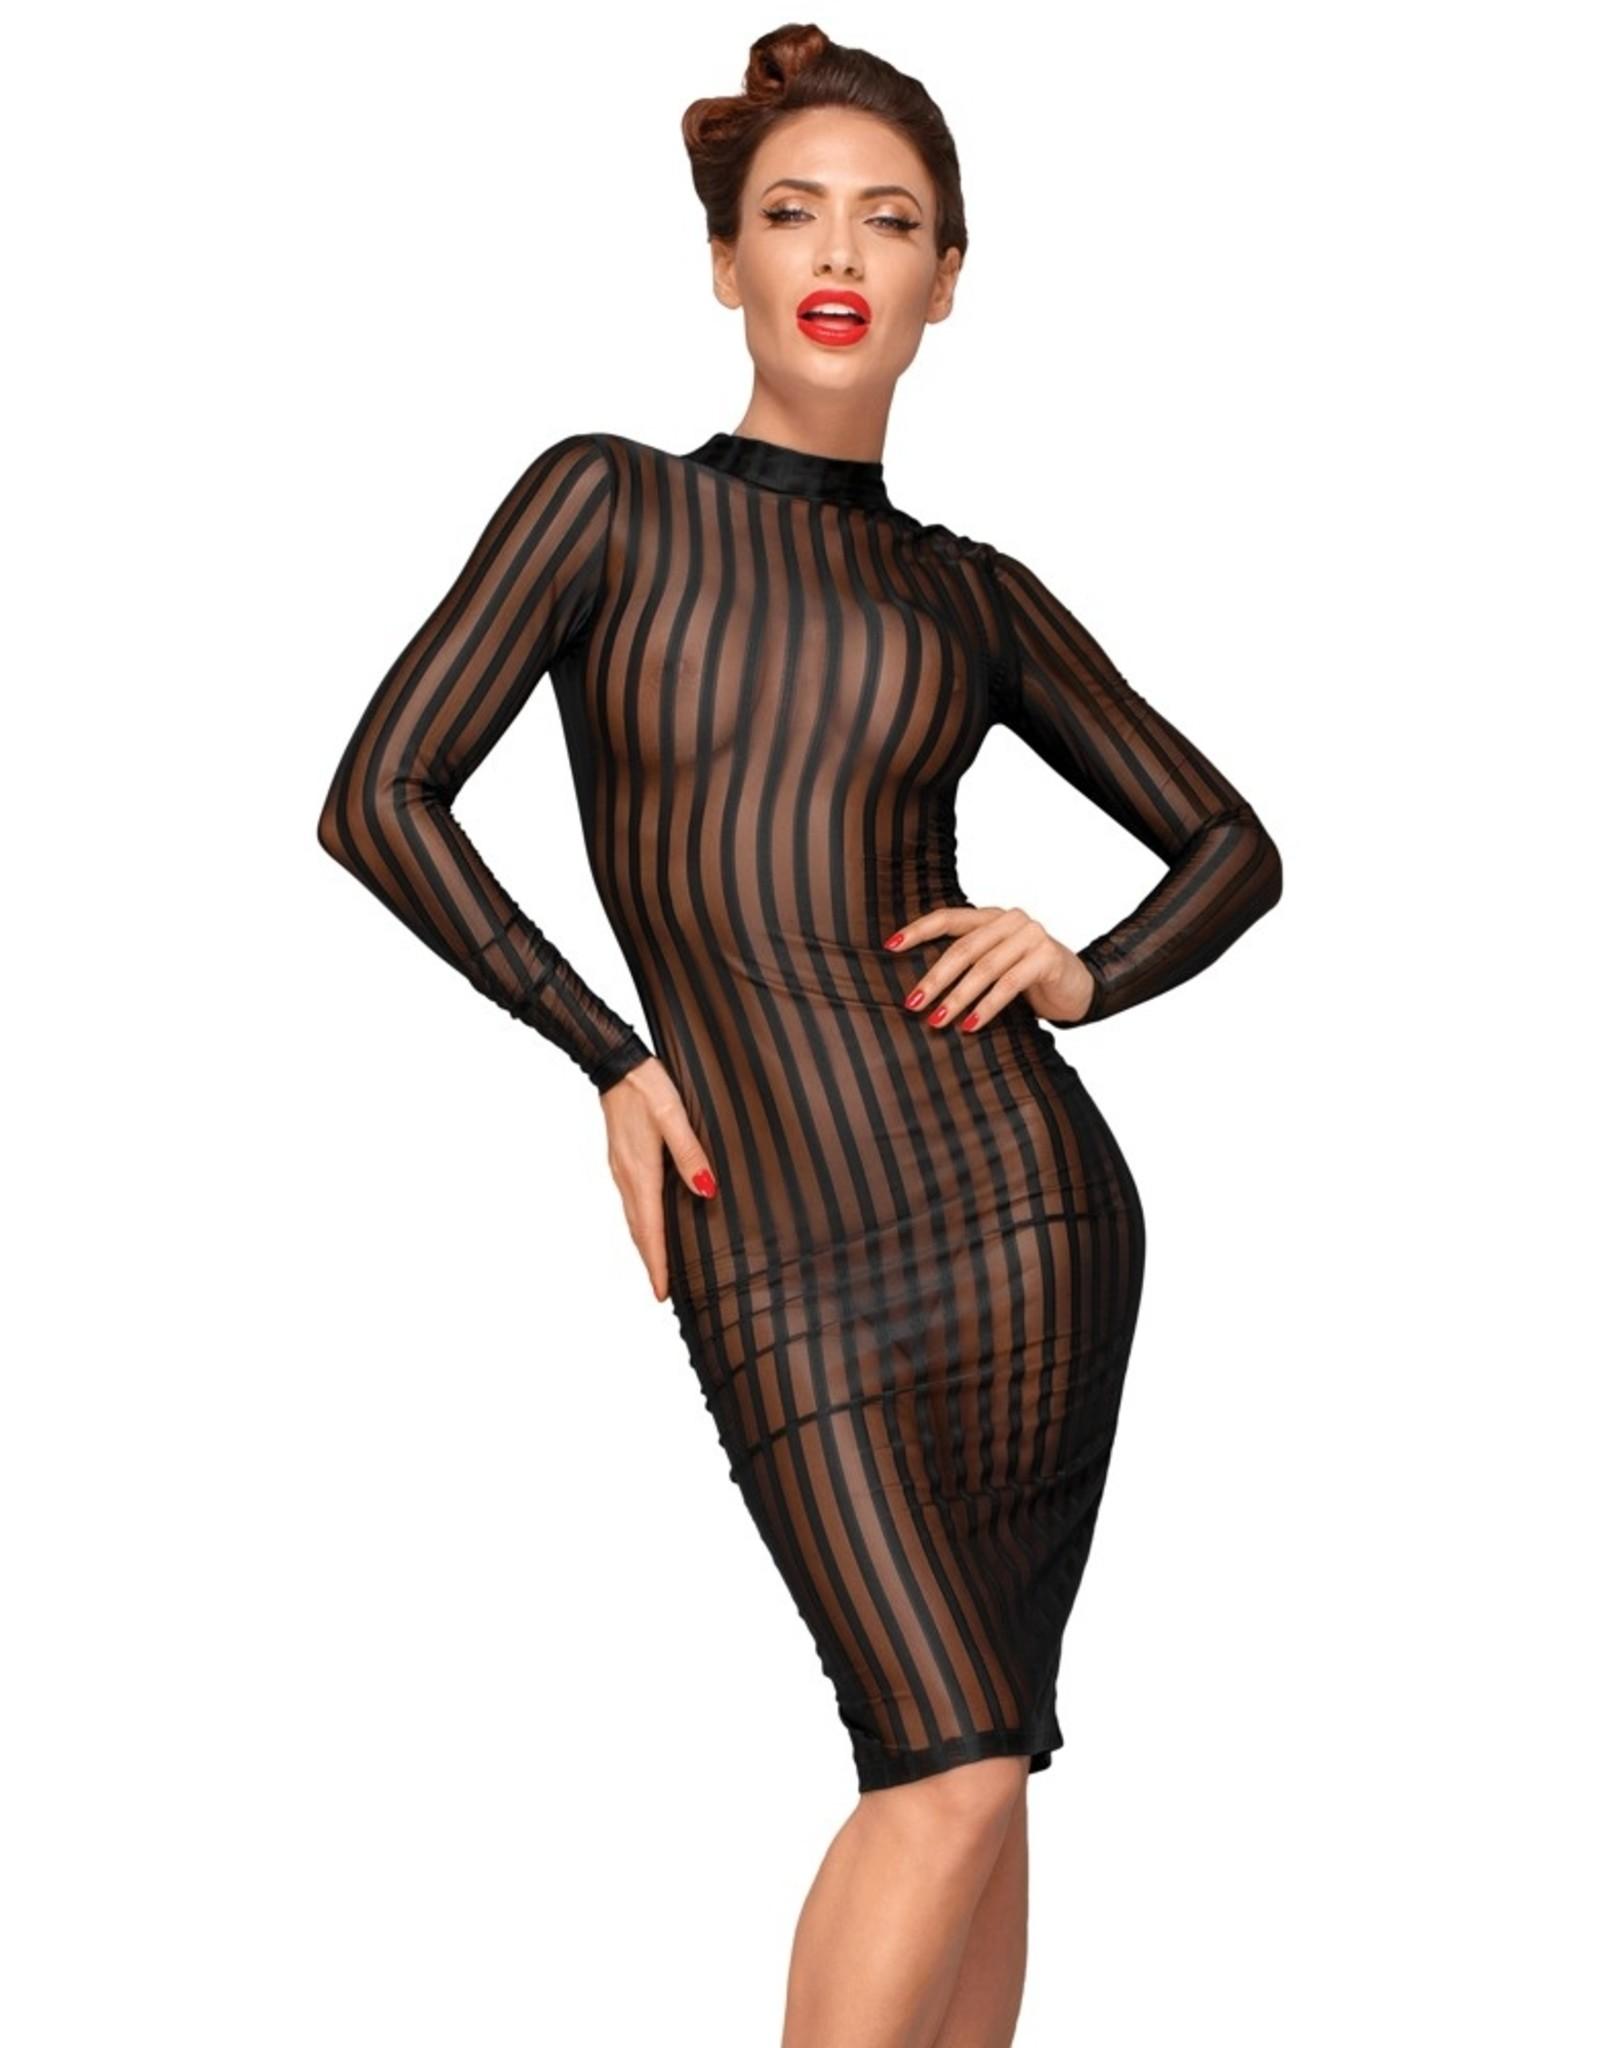 NOIR Handmade NOIR Striped dress